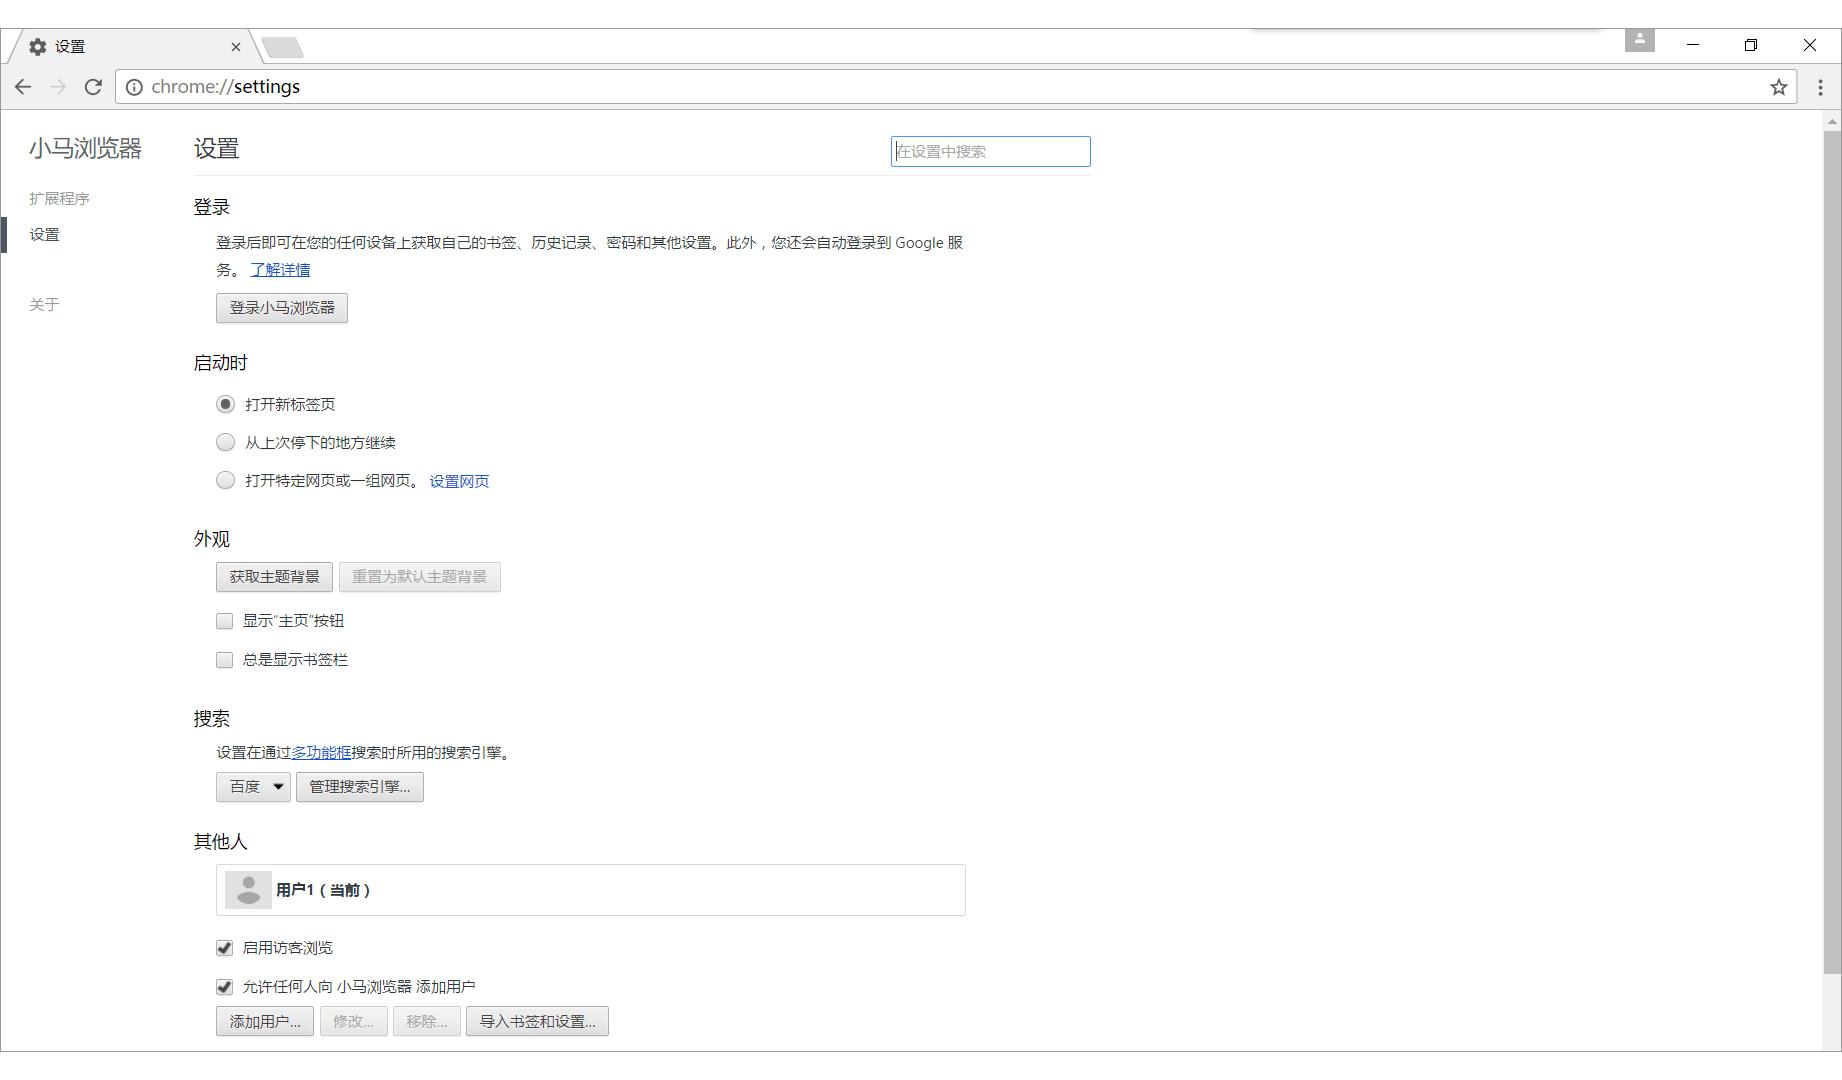 小马浏览器V58.1.0.0 电脑版